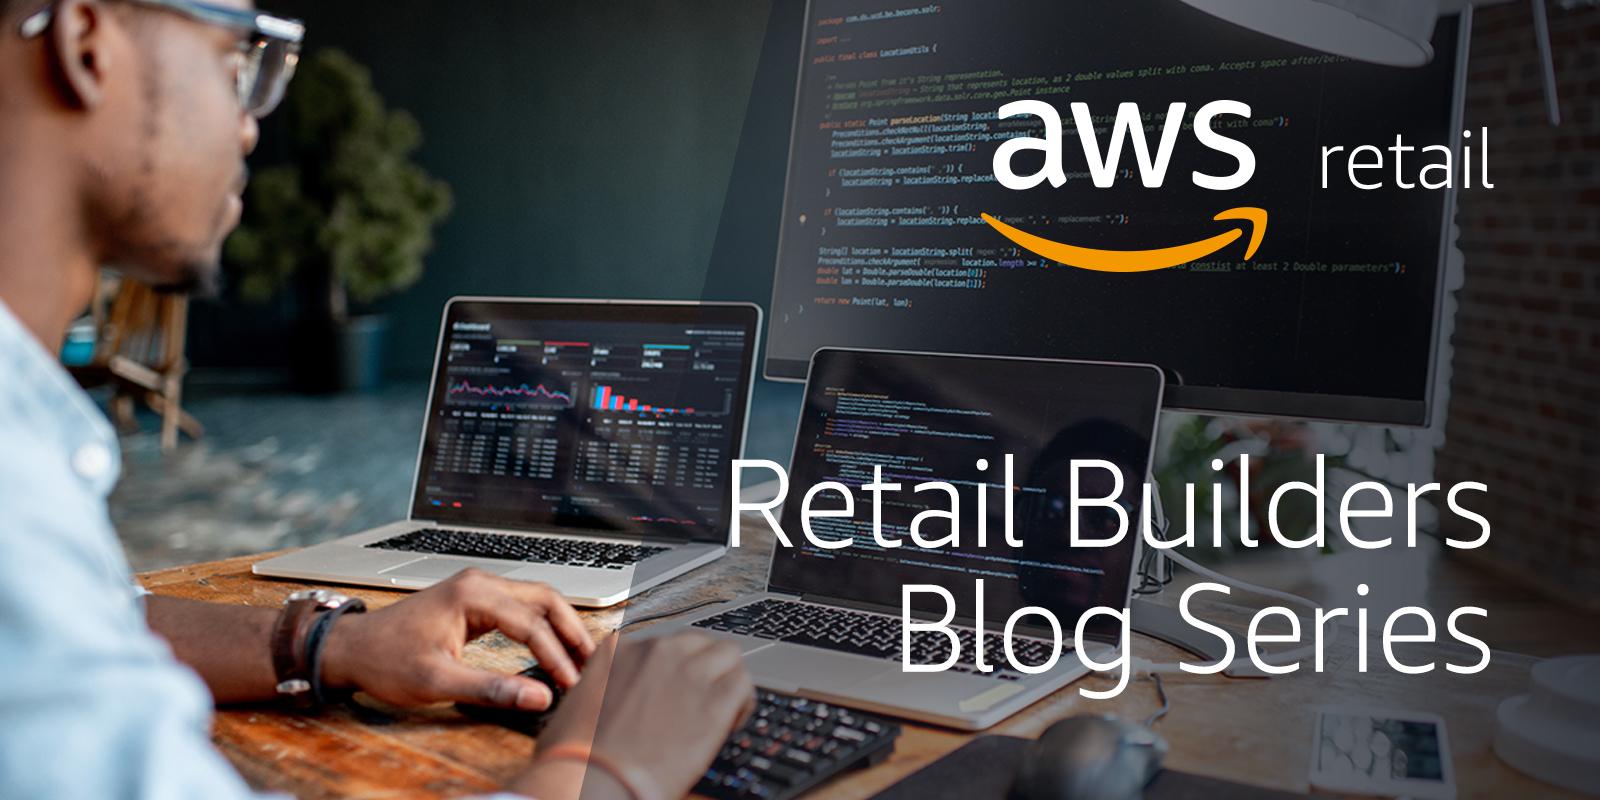 Retail Builders Blog Series